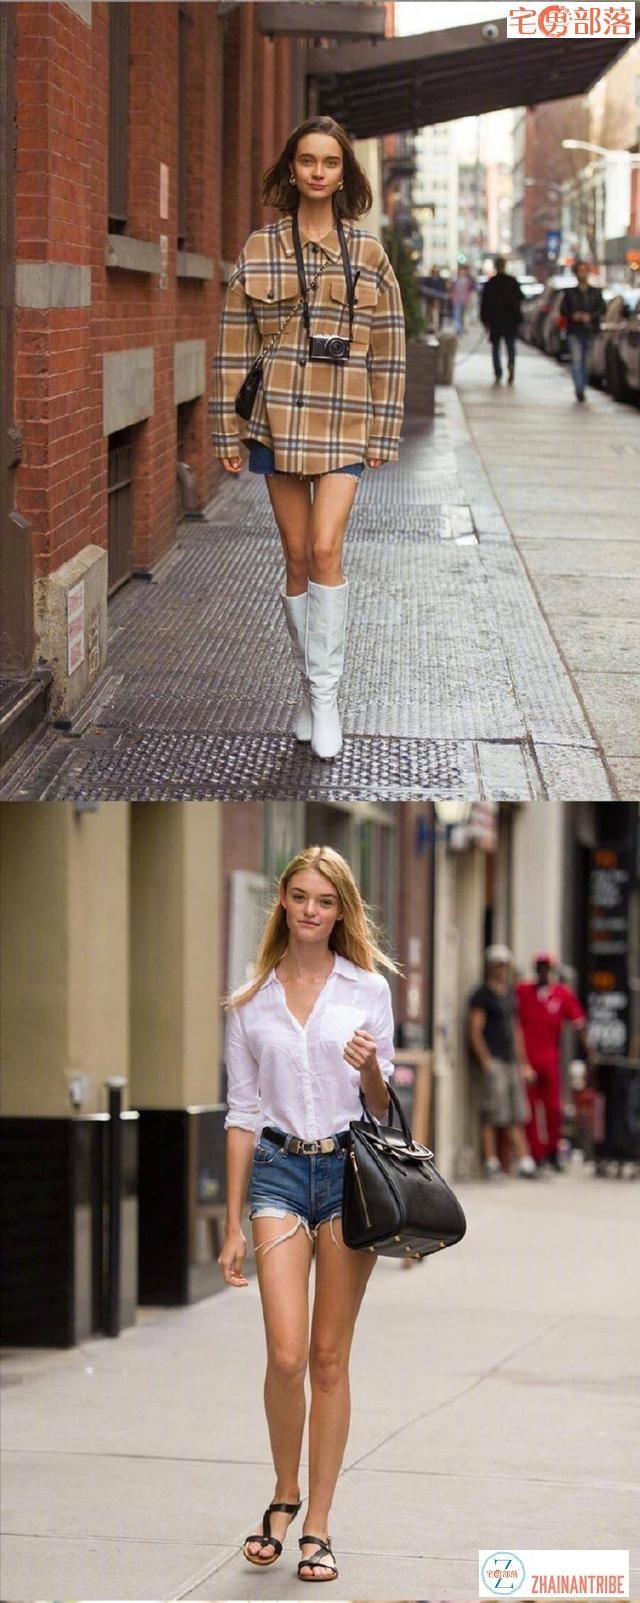 欧美街拍最为性感,ins风十足,深v领口十分迷人